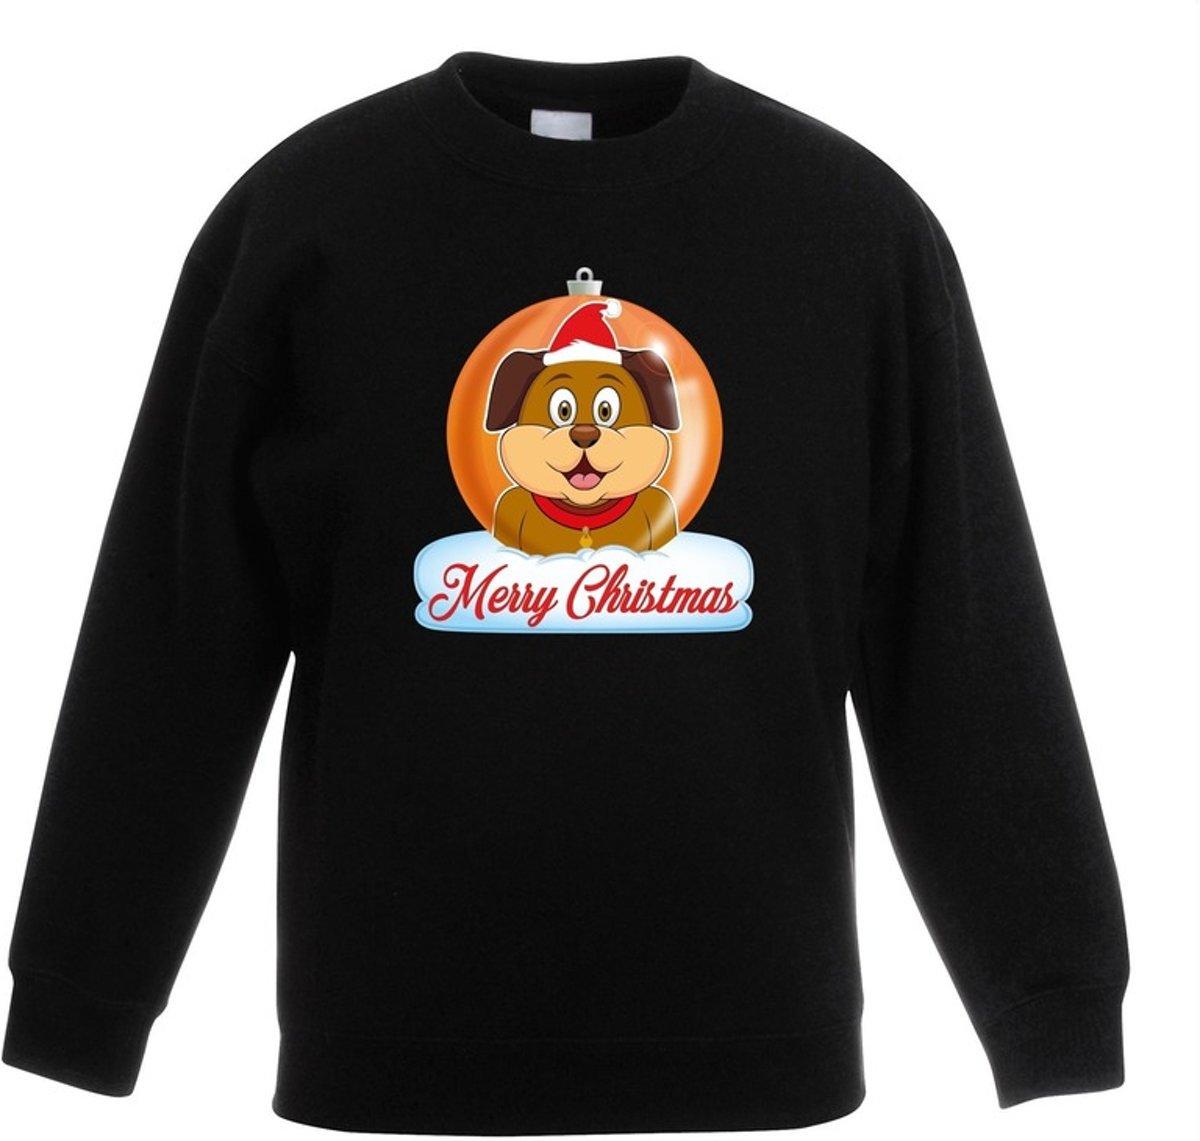 Kersttrui Merry Christmas hond kerstbal zwart jongens en meisjes - Kerstruien kind 12-13 jaar (152/164) kopen